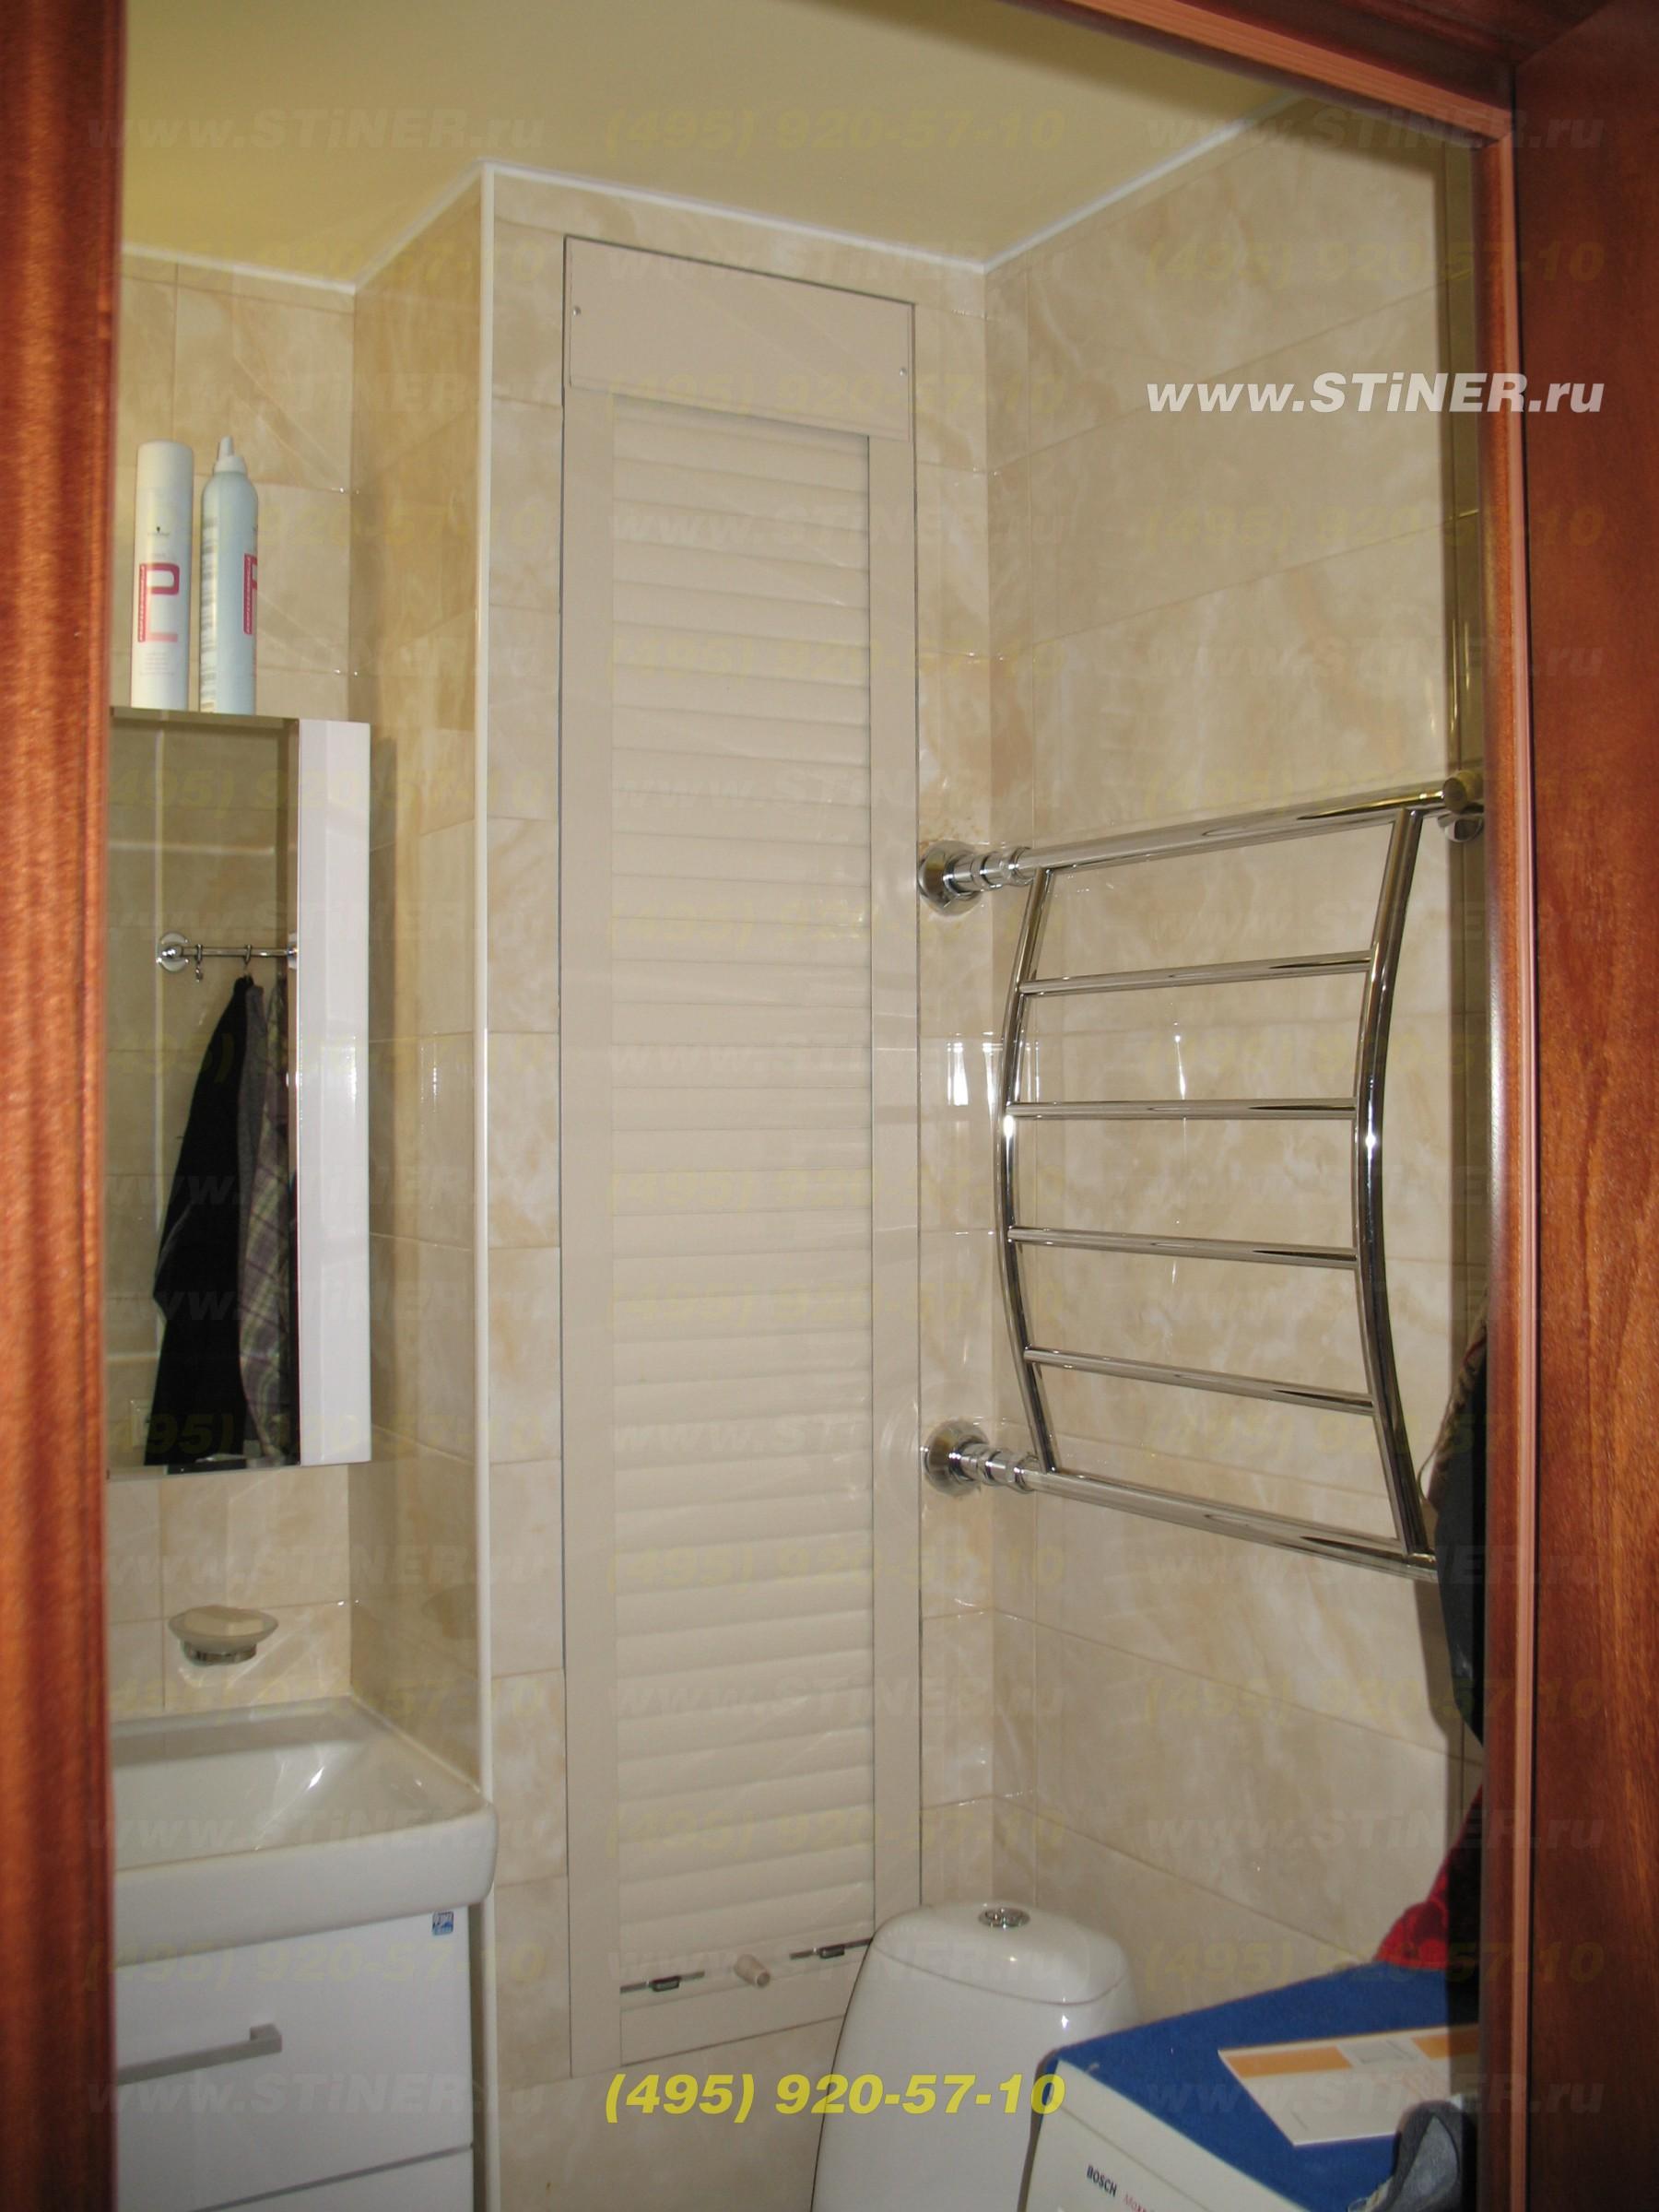 Самая узкая роллета в туалет для скрытия труб в санузле